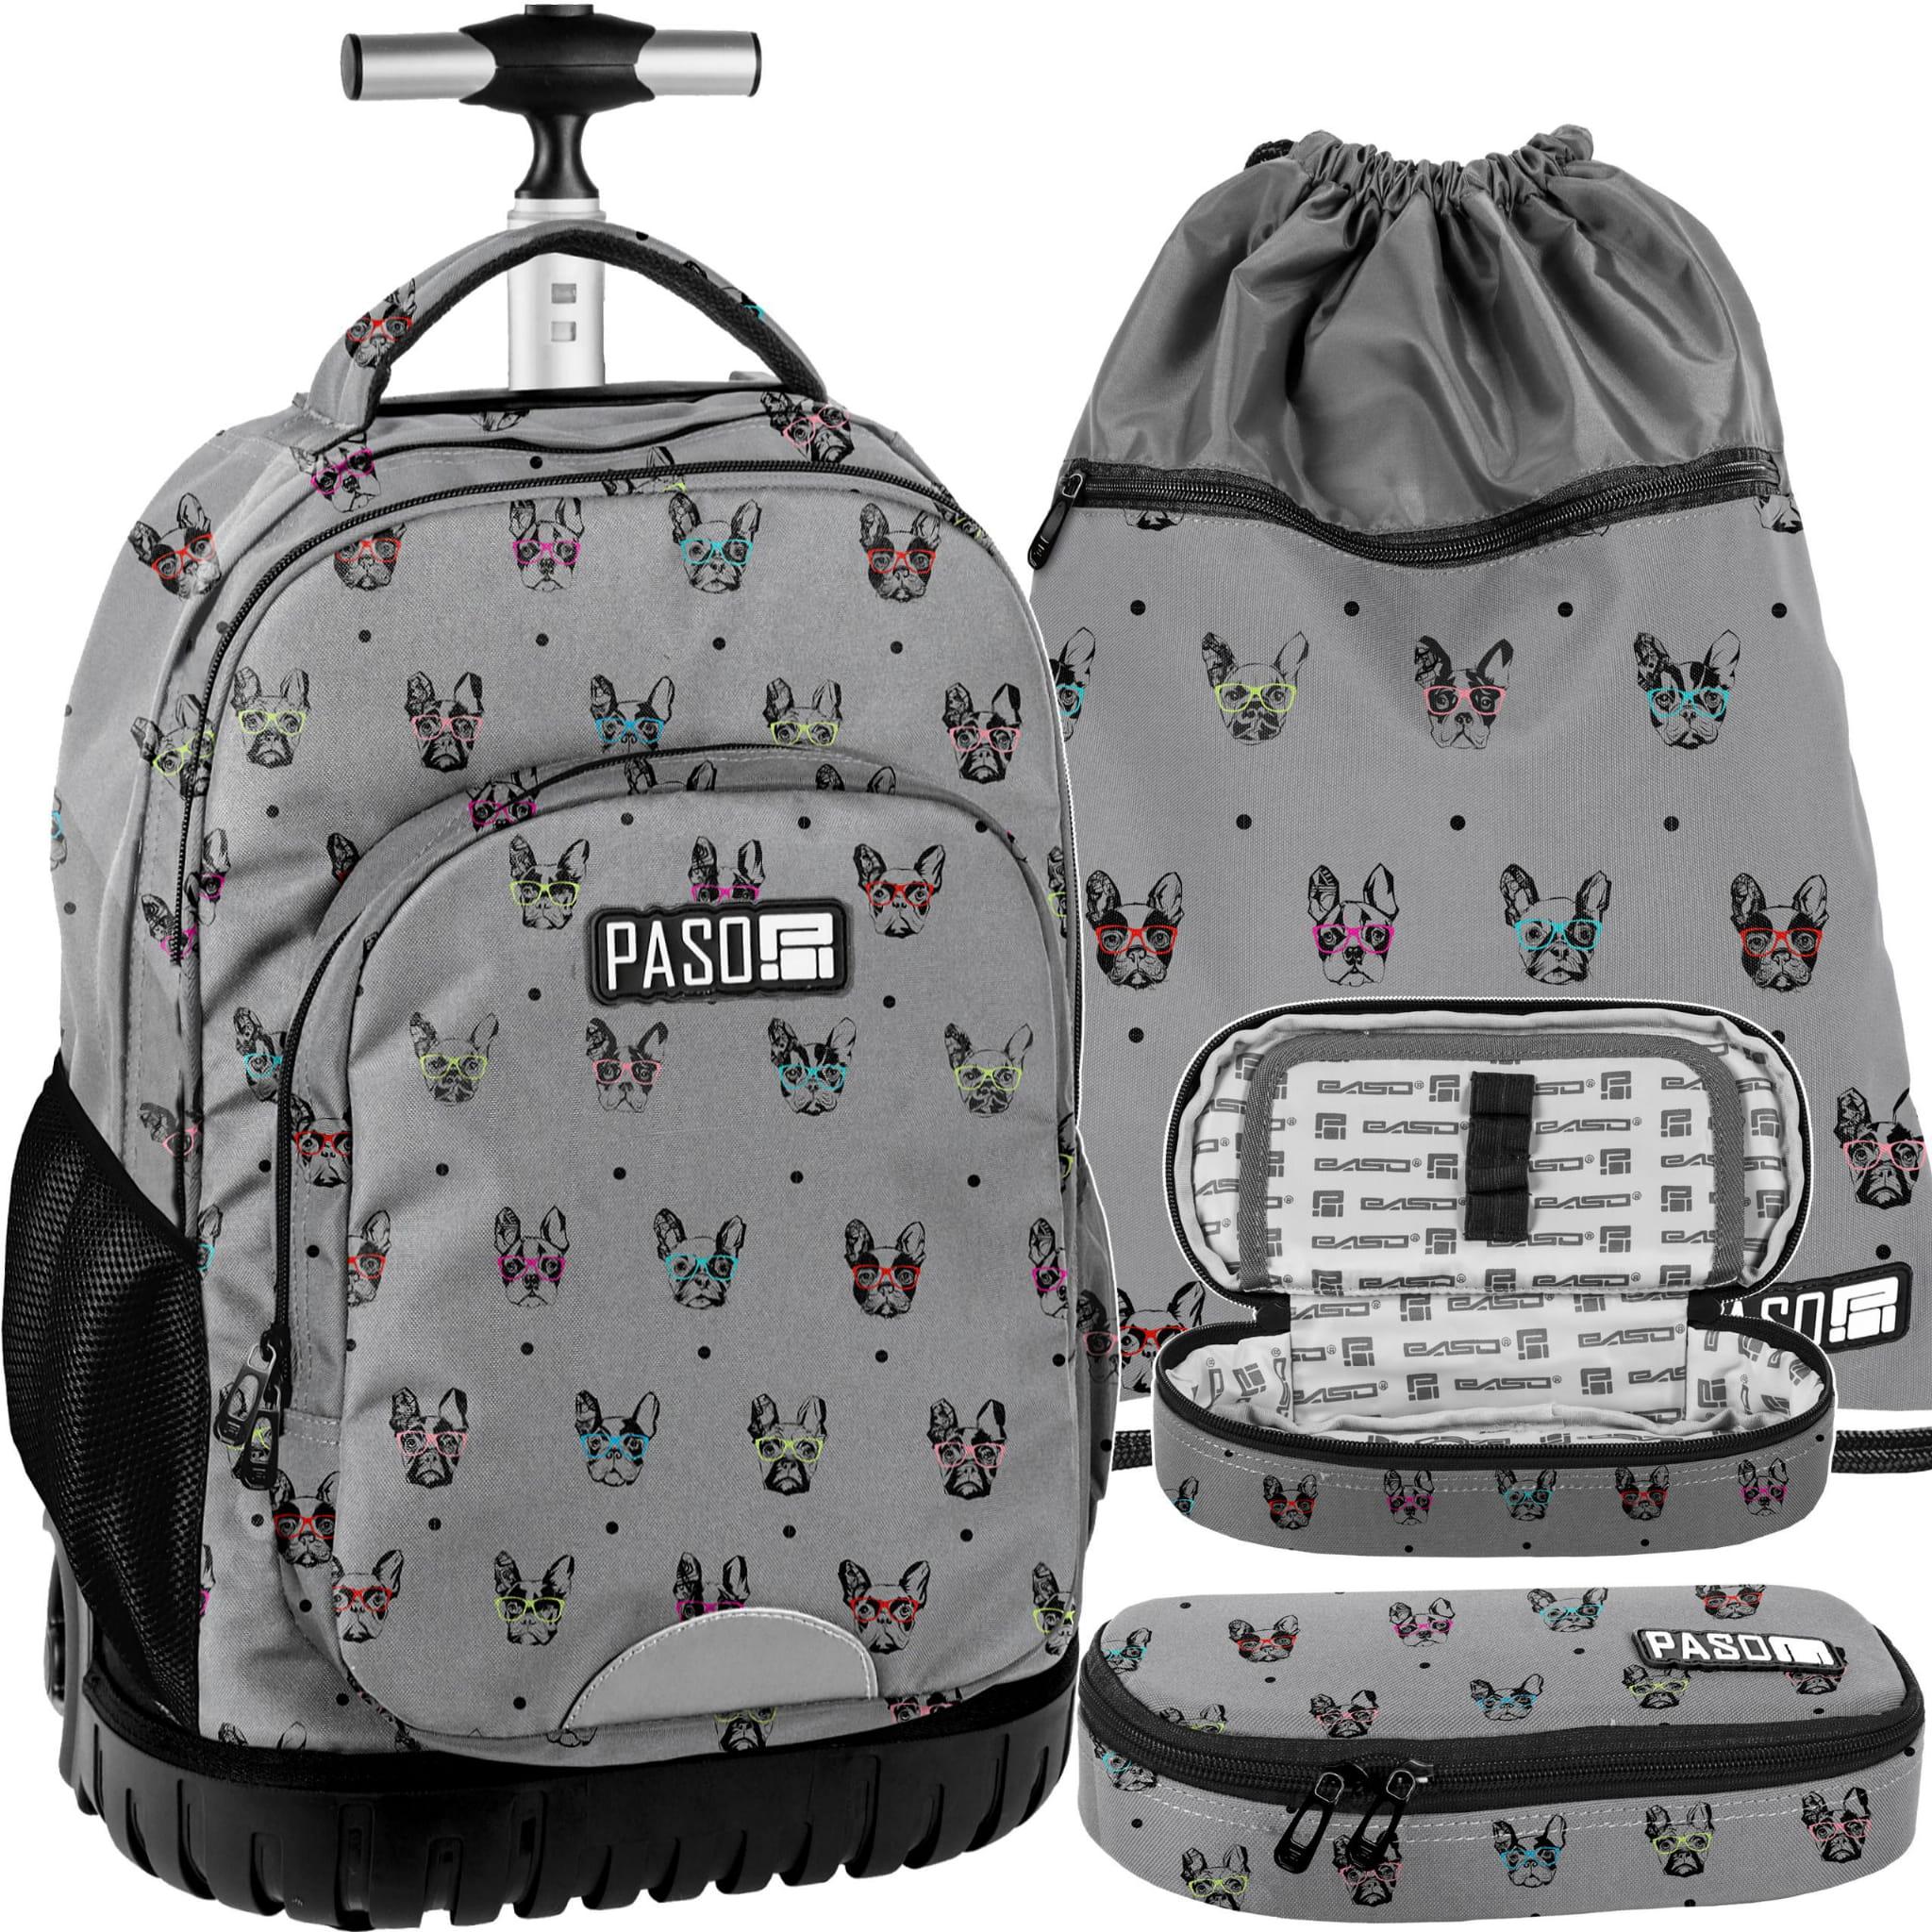 e0d90b376e7be Zestaw młodzieżowy 3-elementowy PASO, plecak szkolny na kółkach ...